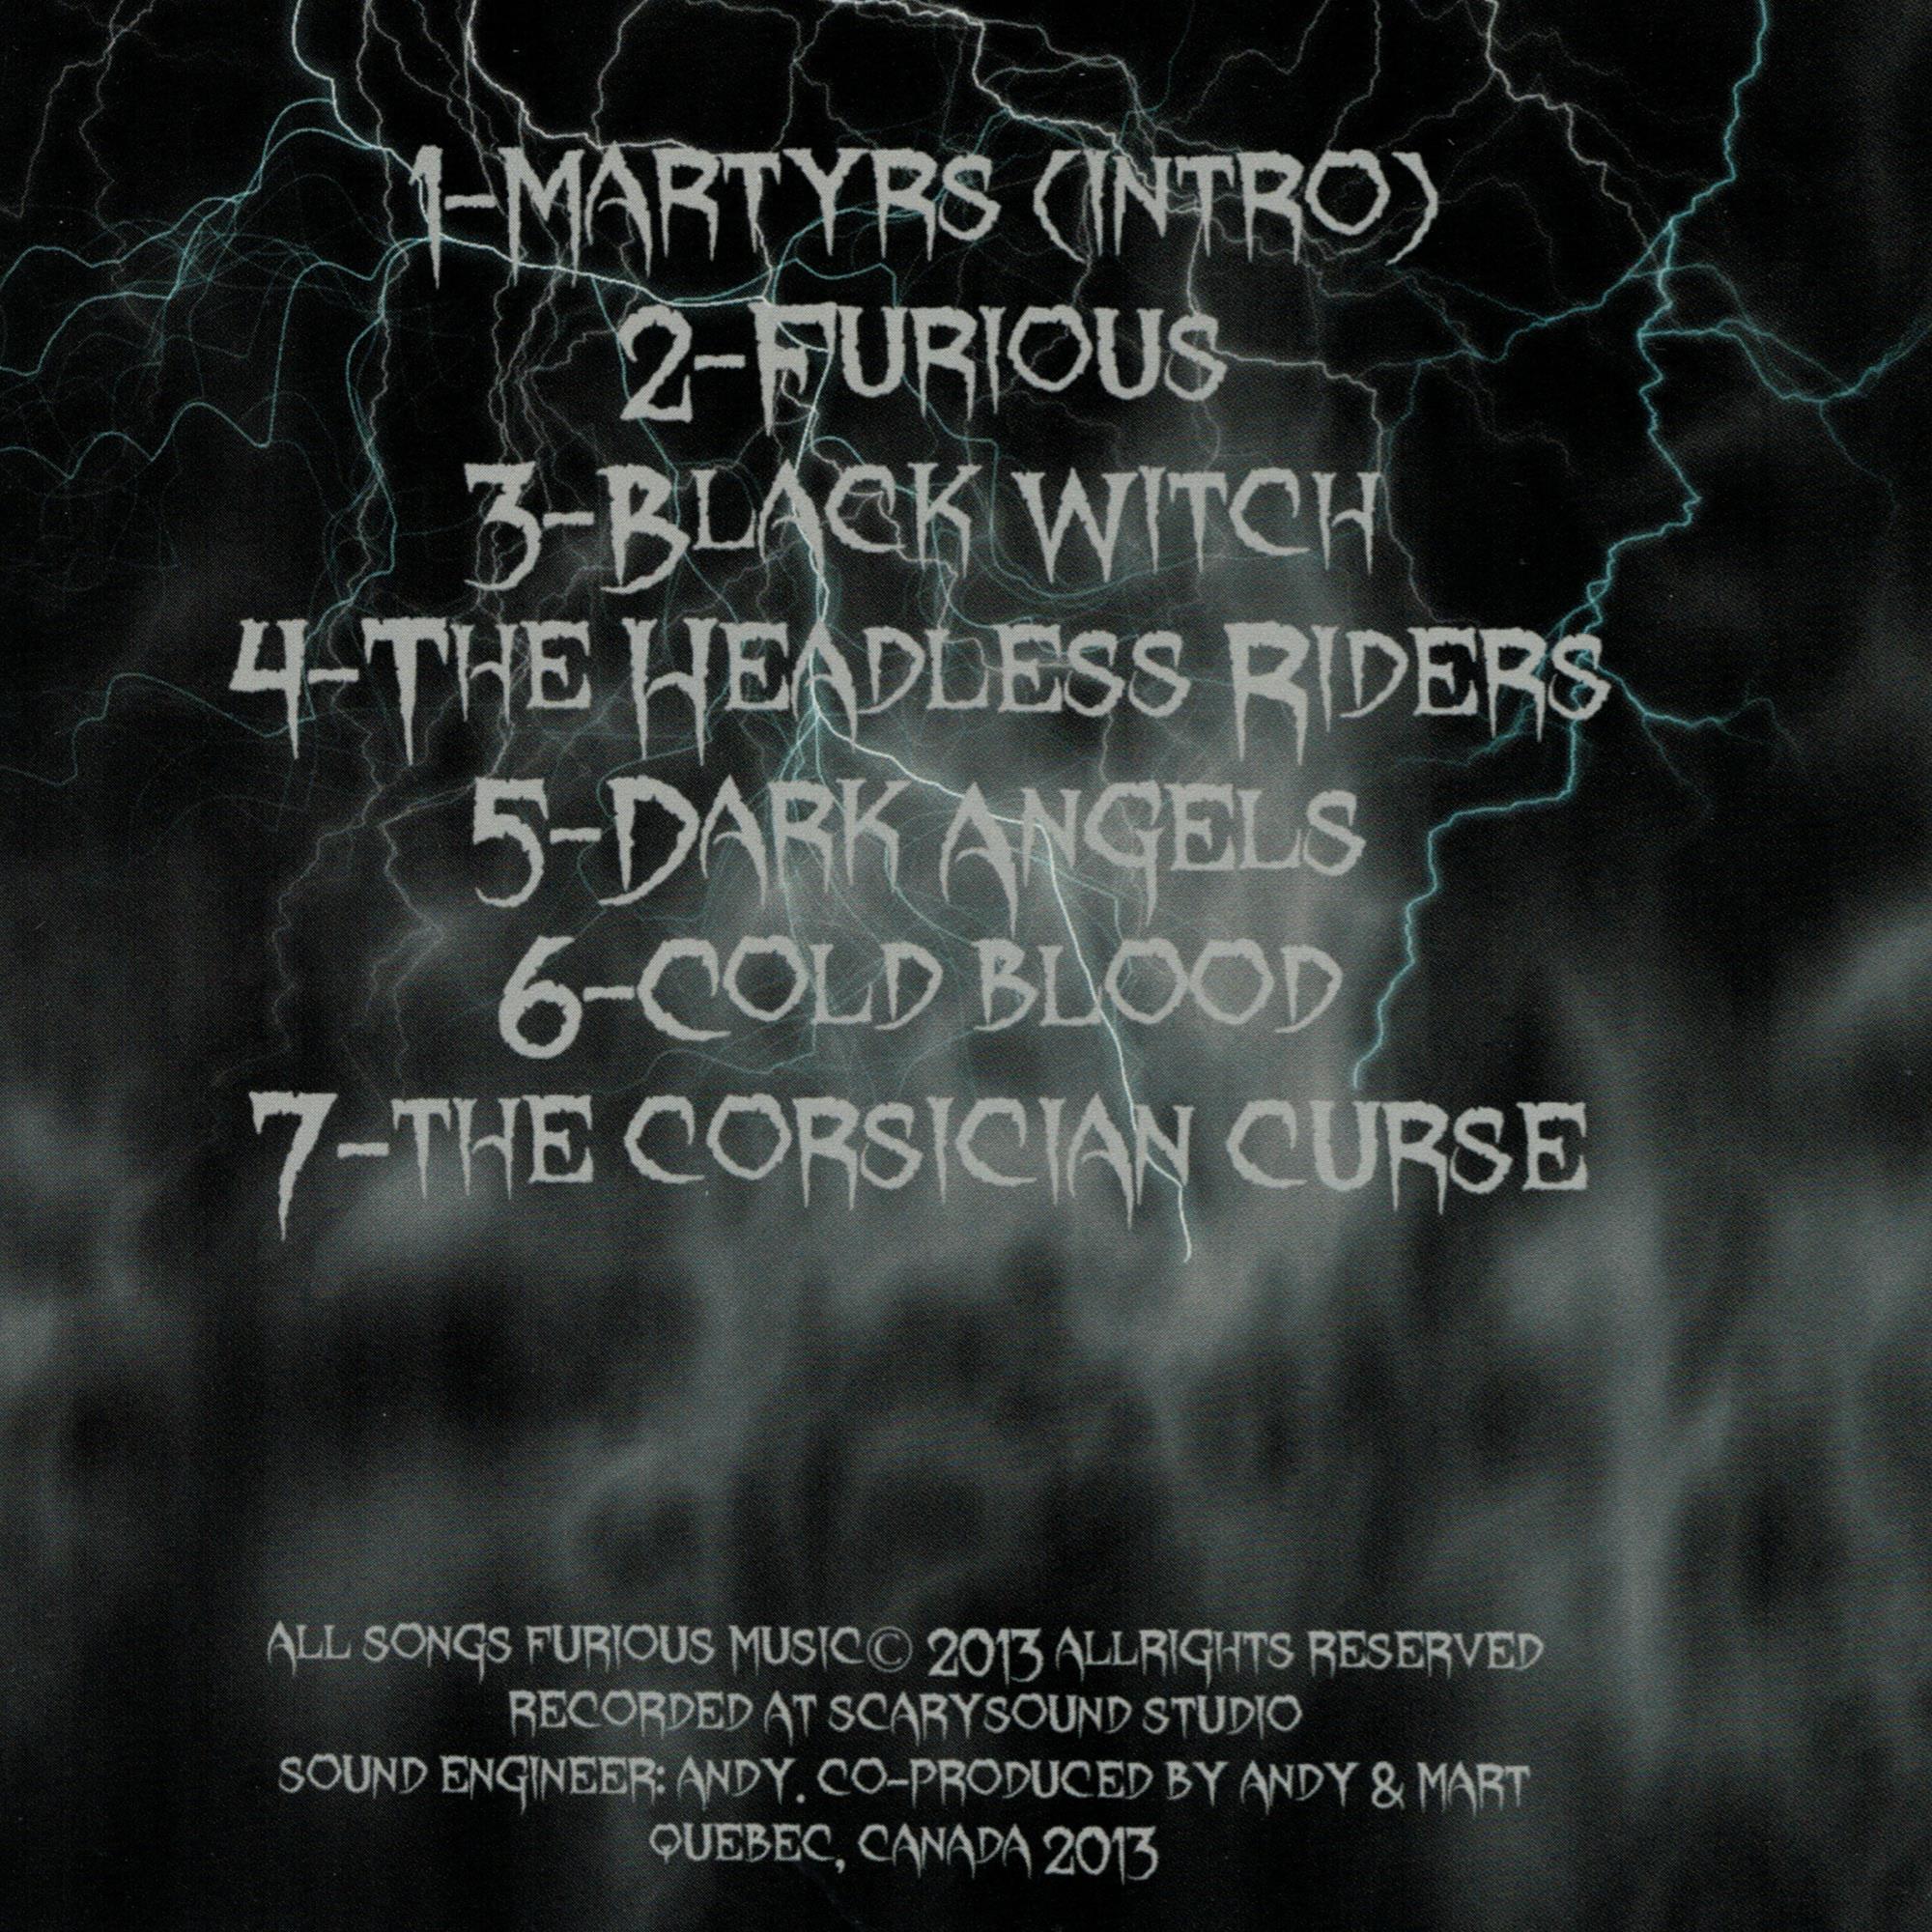 The Corsician Curse CD